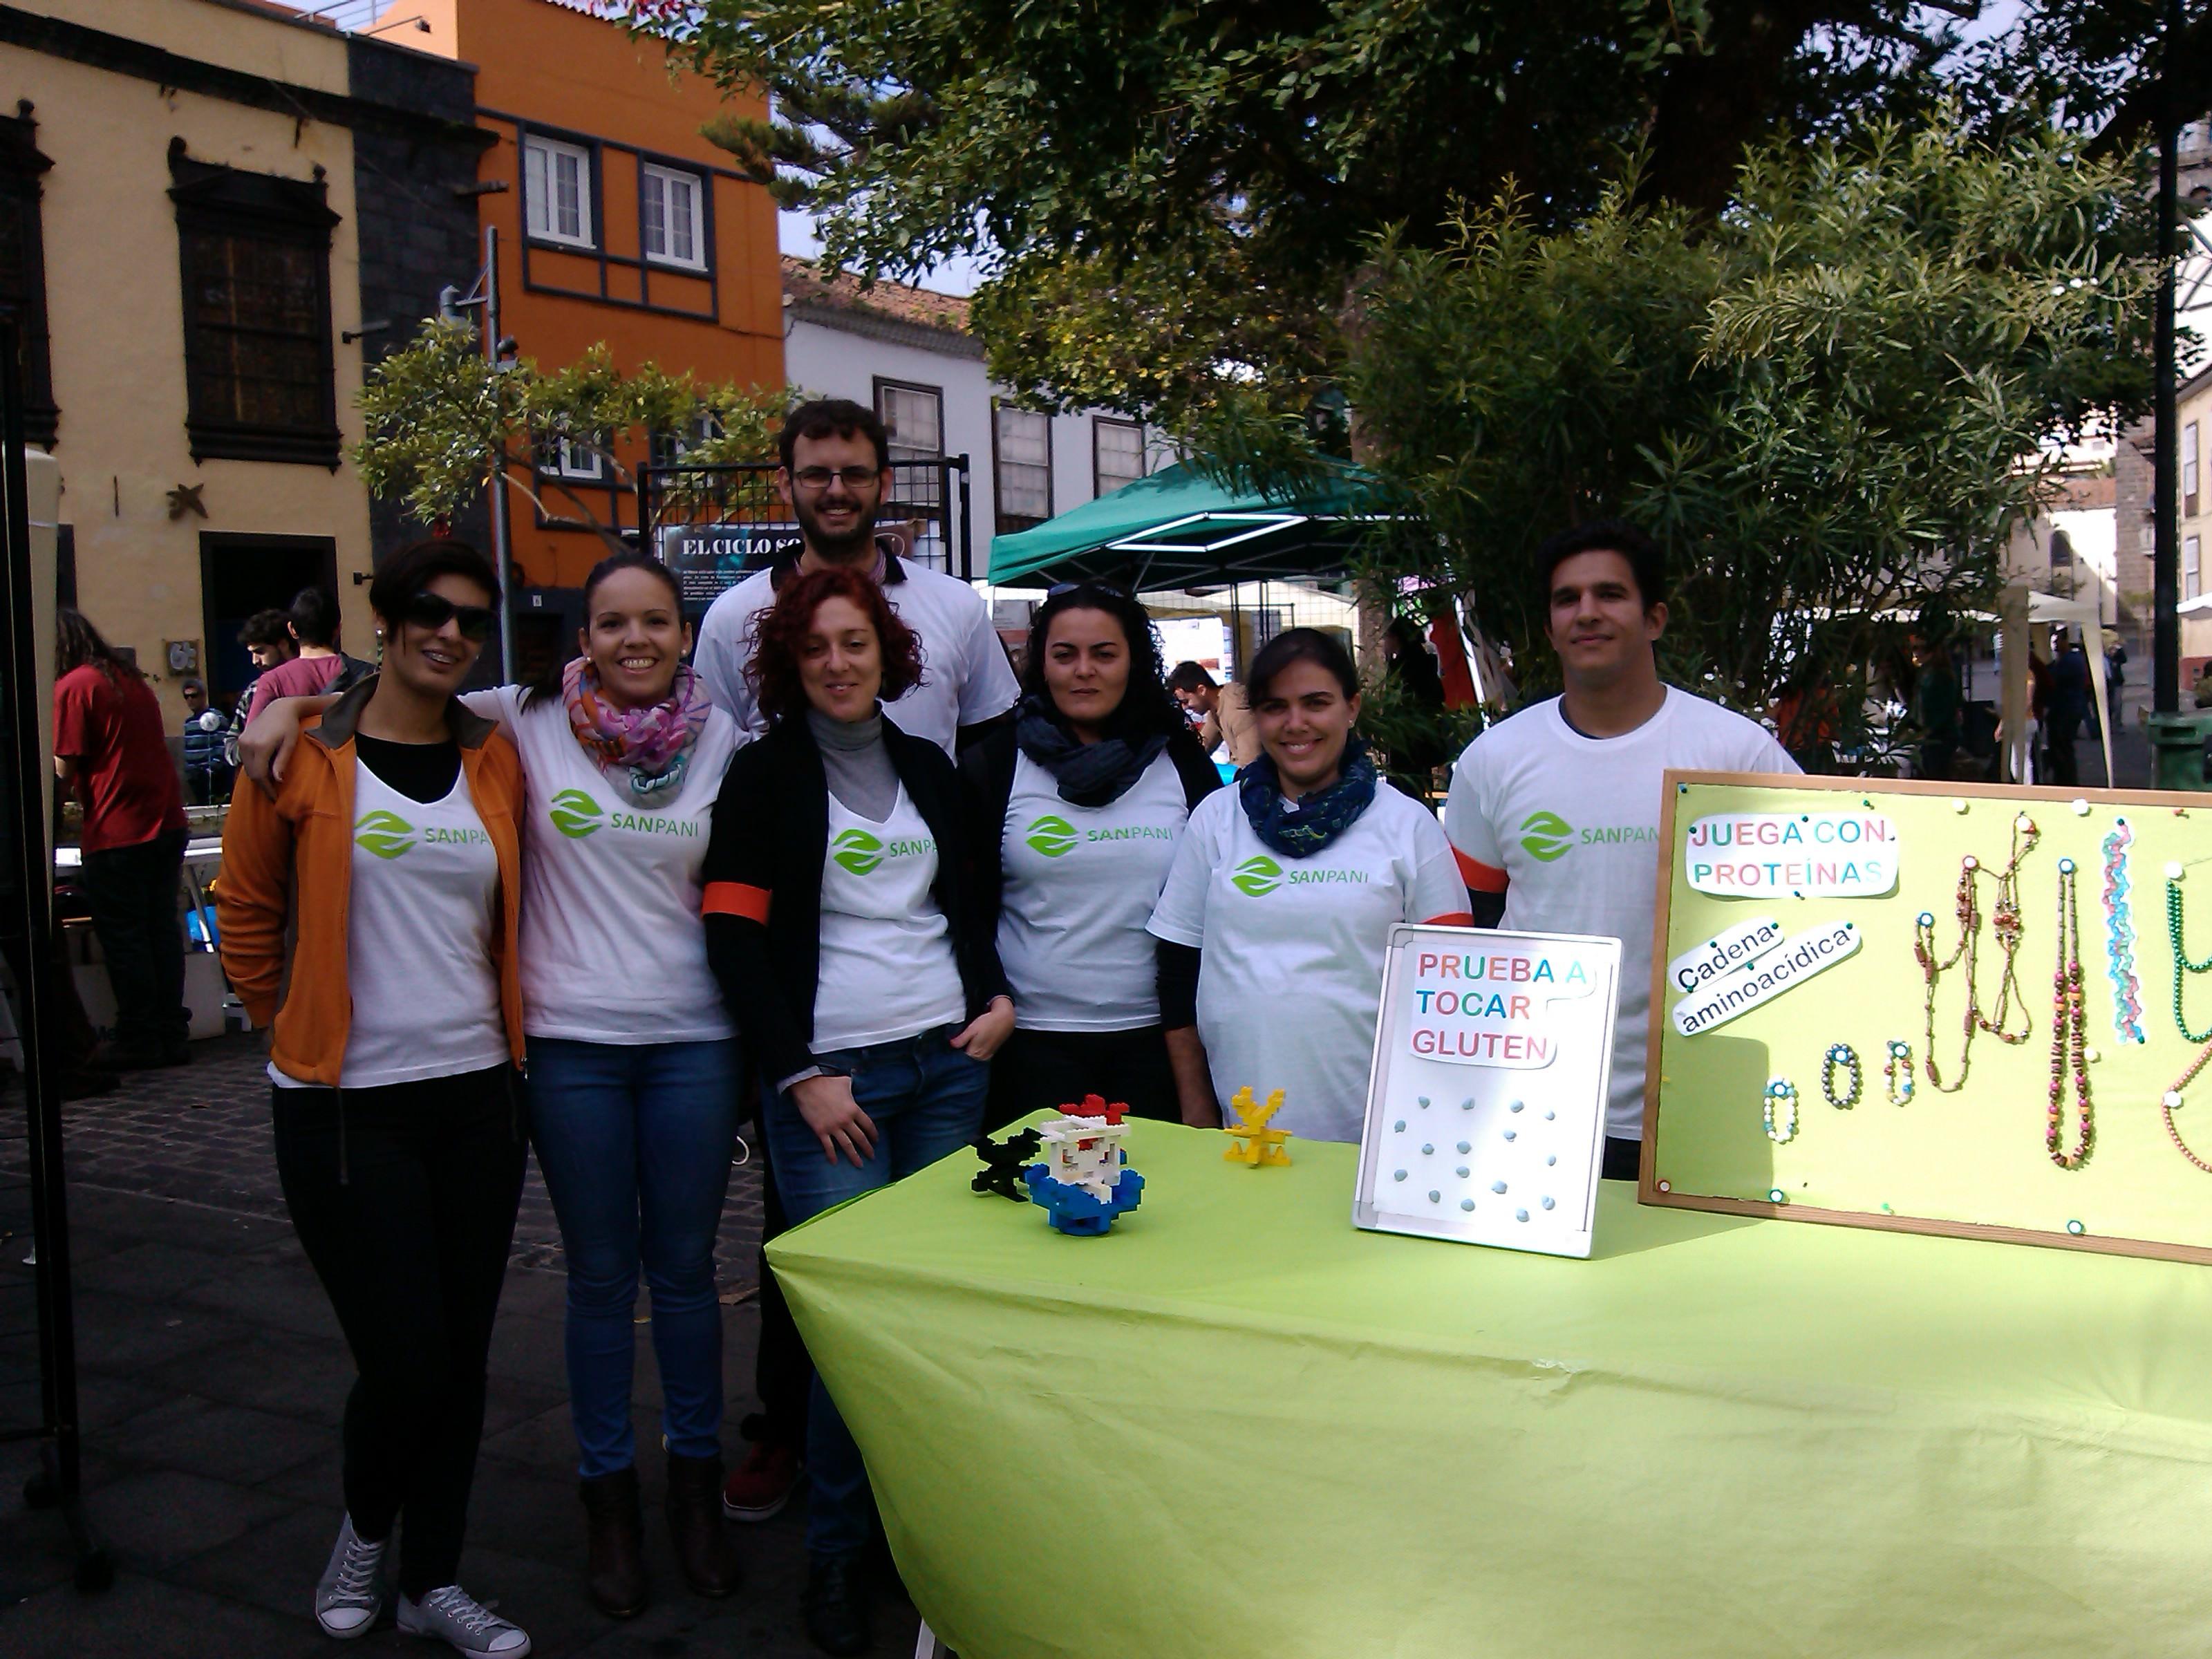 El Equipo: (de izda a dcha) Haridian, Gabriela, Dácil , Nessa, Sandra, Natán y Adrián (detrás)